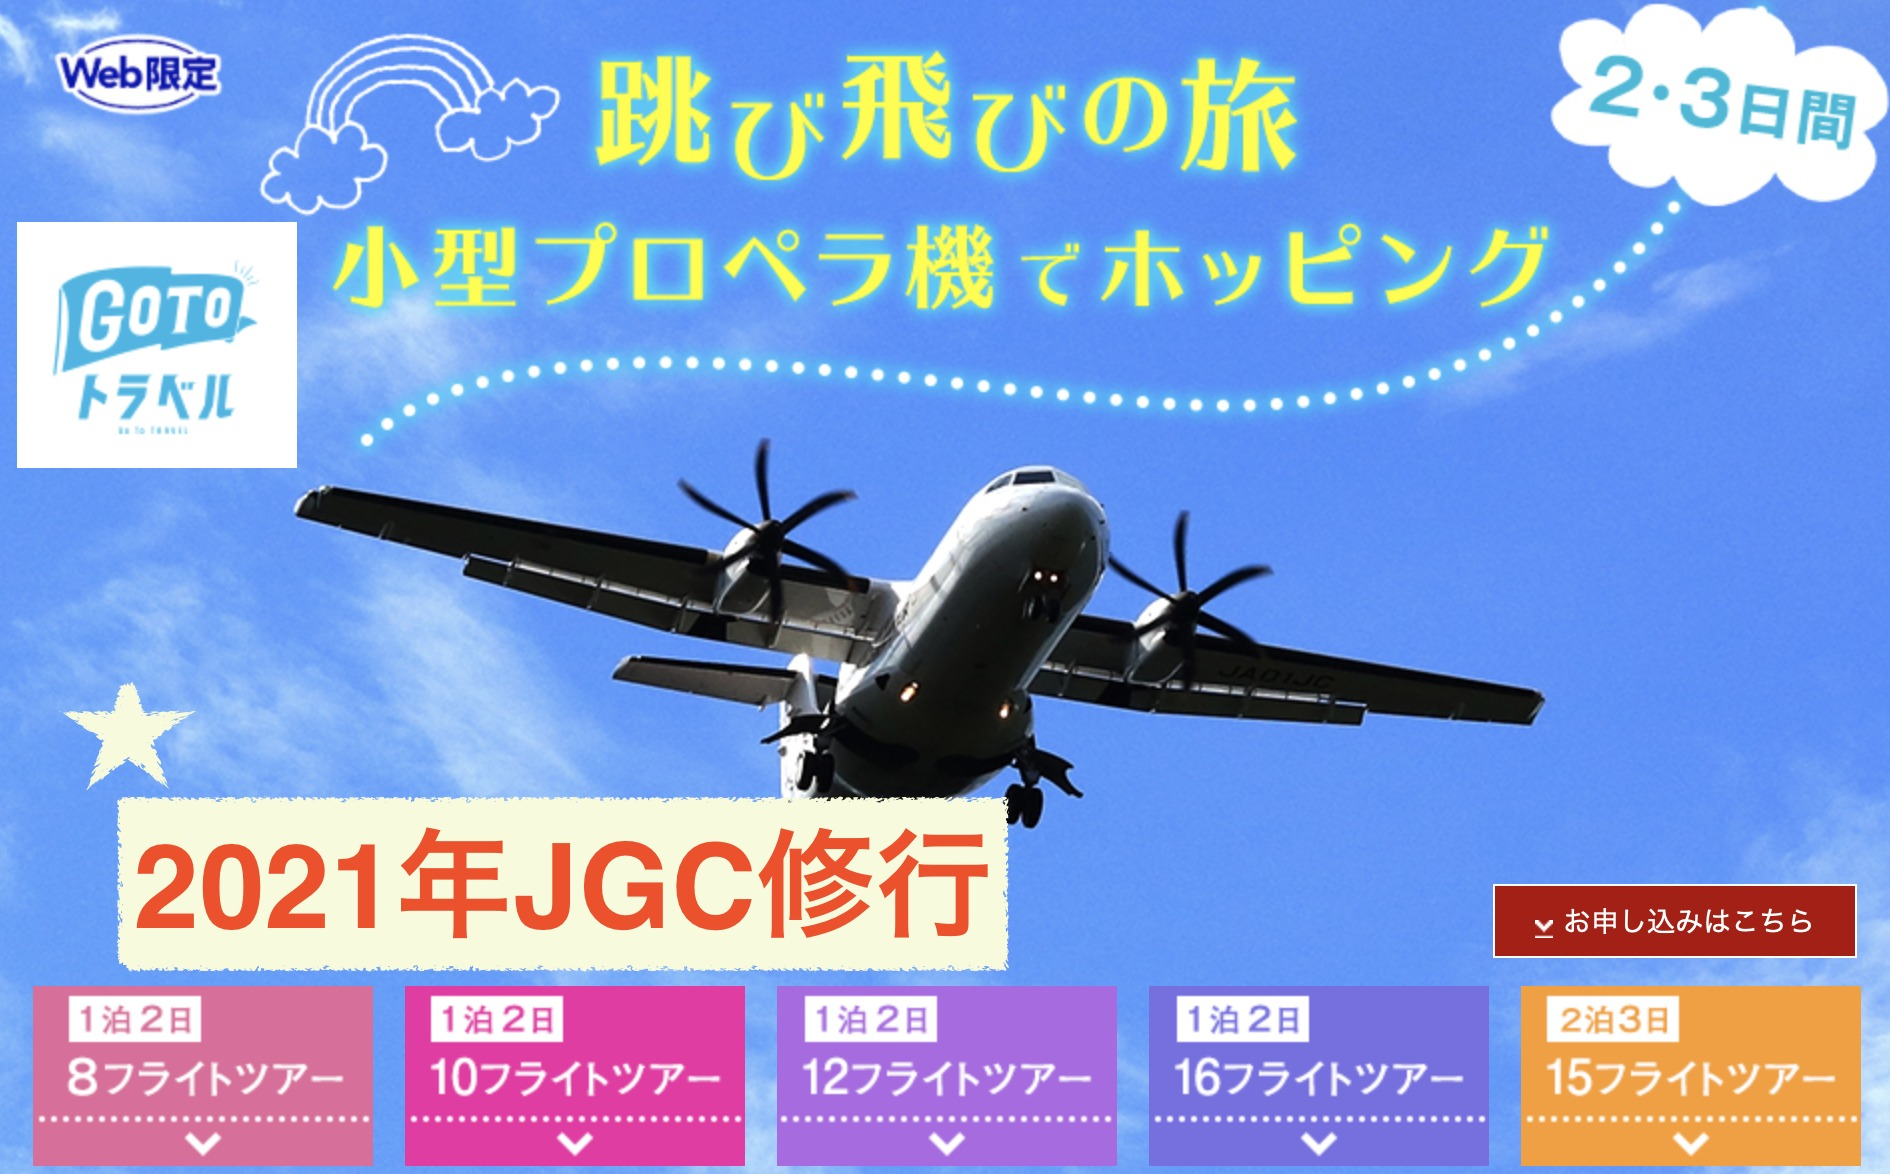 2021年JGC修行